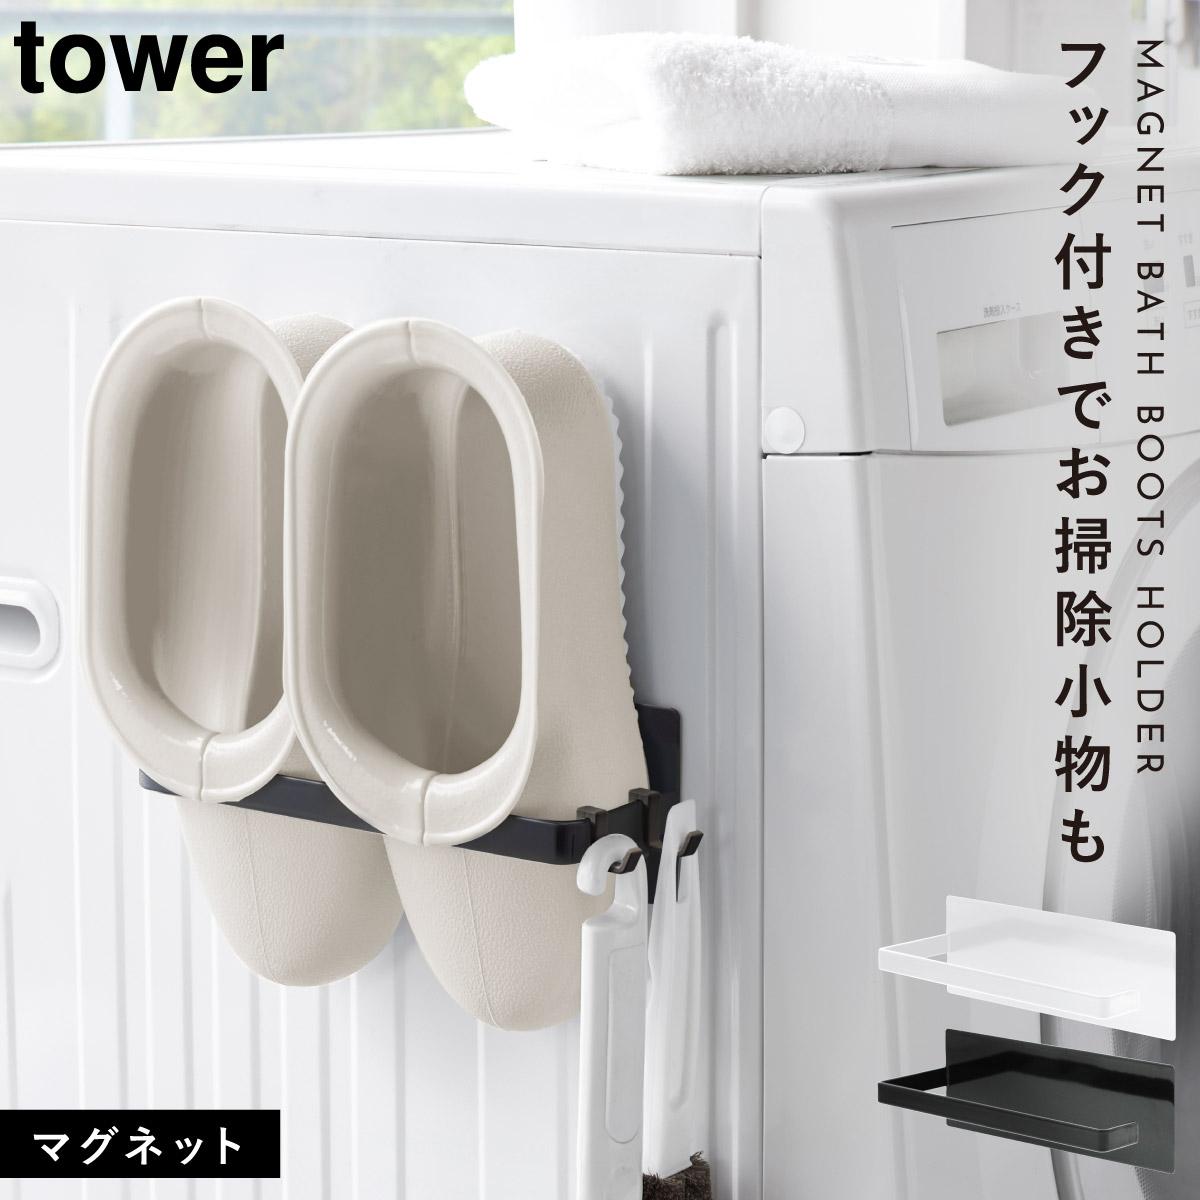 洗濯機横マグネット収納ラック バスブーツ ホルダー 収納 掃除 収納ラック マグネットバスブーツホルダー タワー 白い 黒 tower 山崎実業